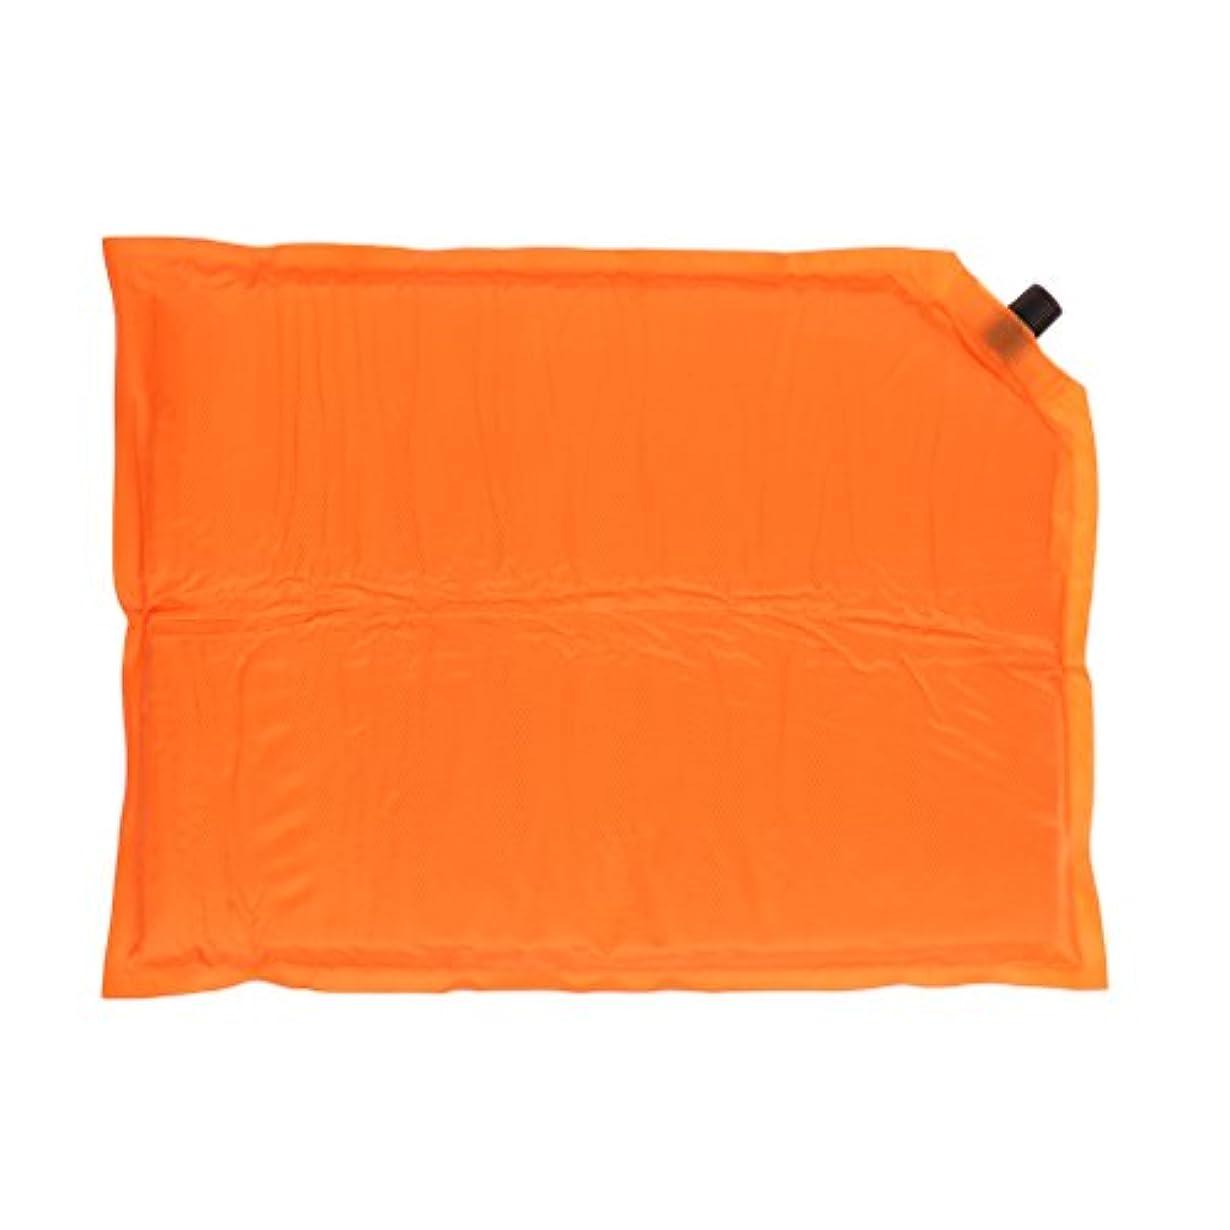 昇る首相不平を言うPerfk オックスフォード布 インフレータブル ビーチマット ピクニックマット 収納バッグ付き 全3色